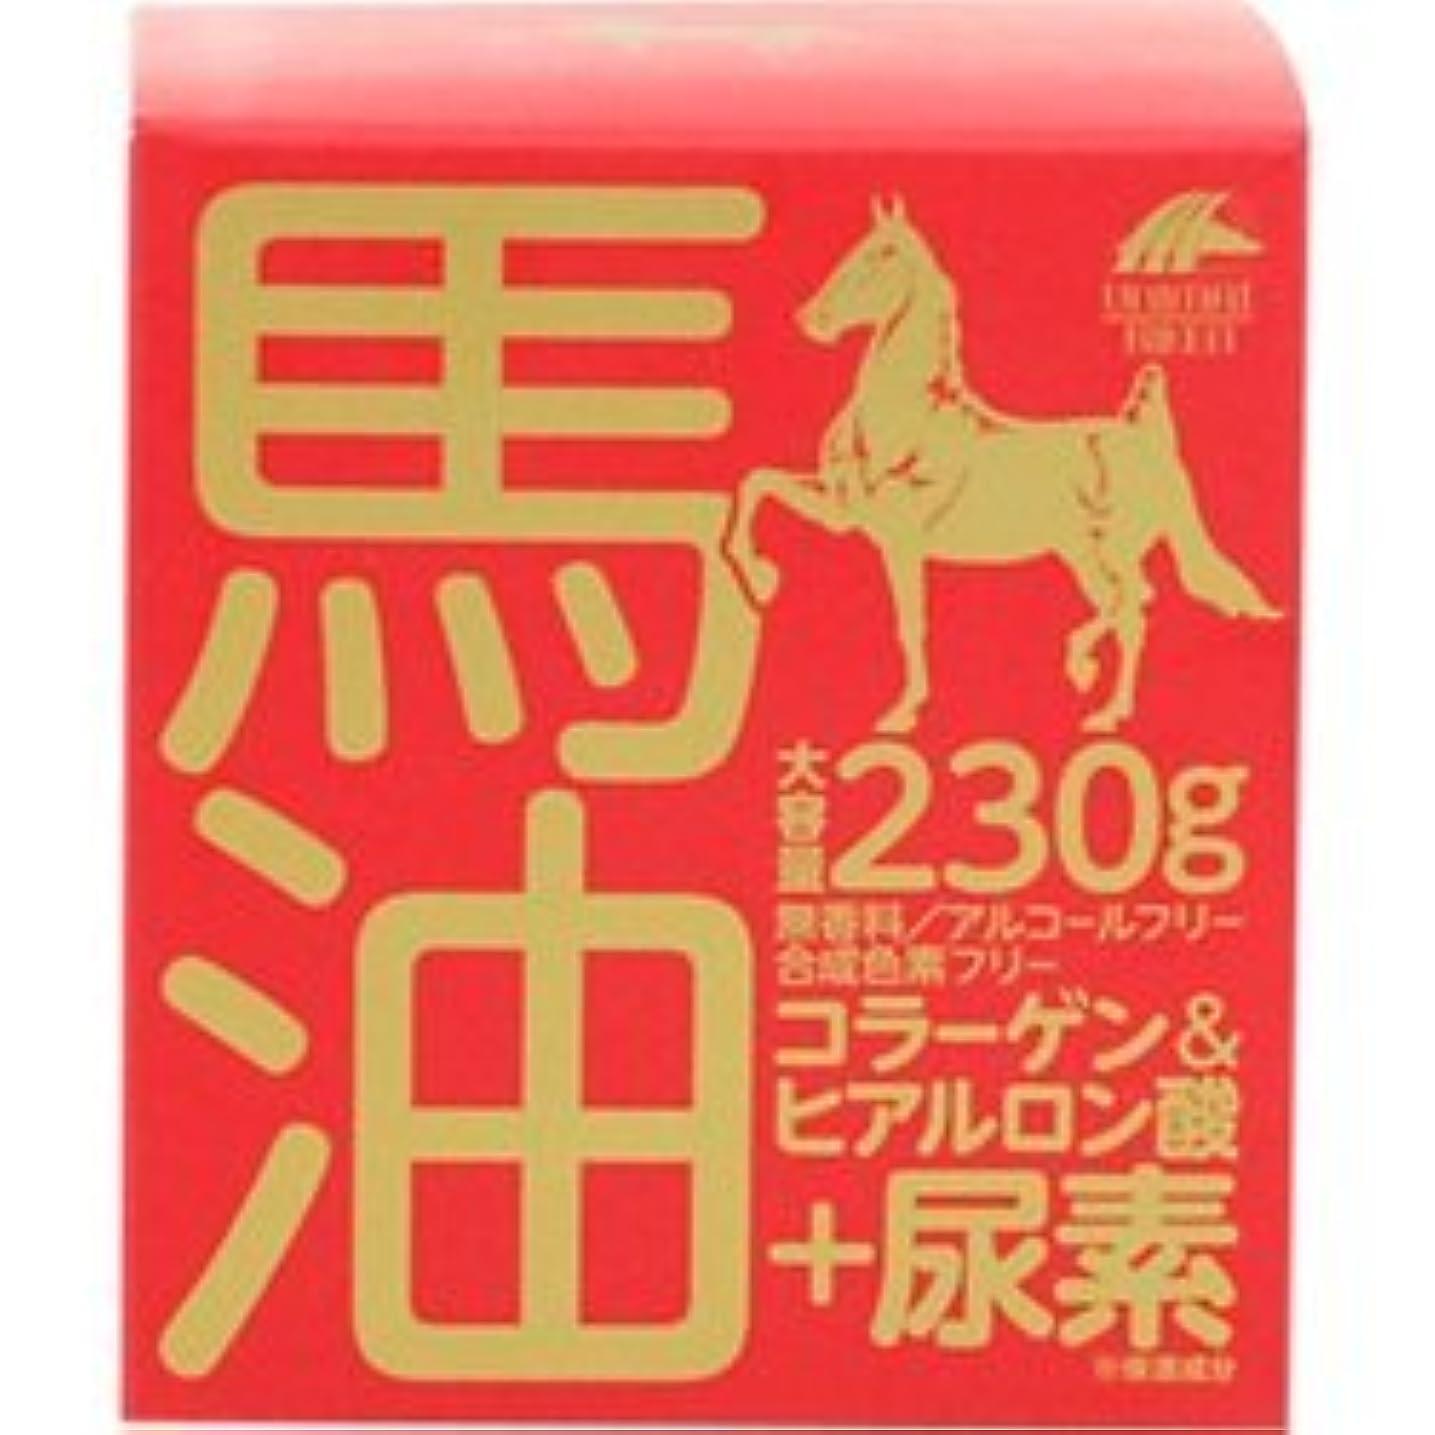 レトルトスカープメタン【ユニマットリケン】馬油クリーム+尿素 230g ×3個セット